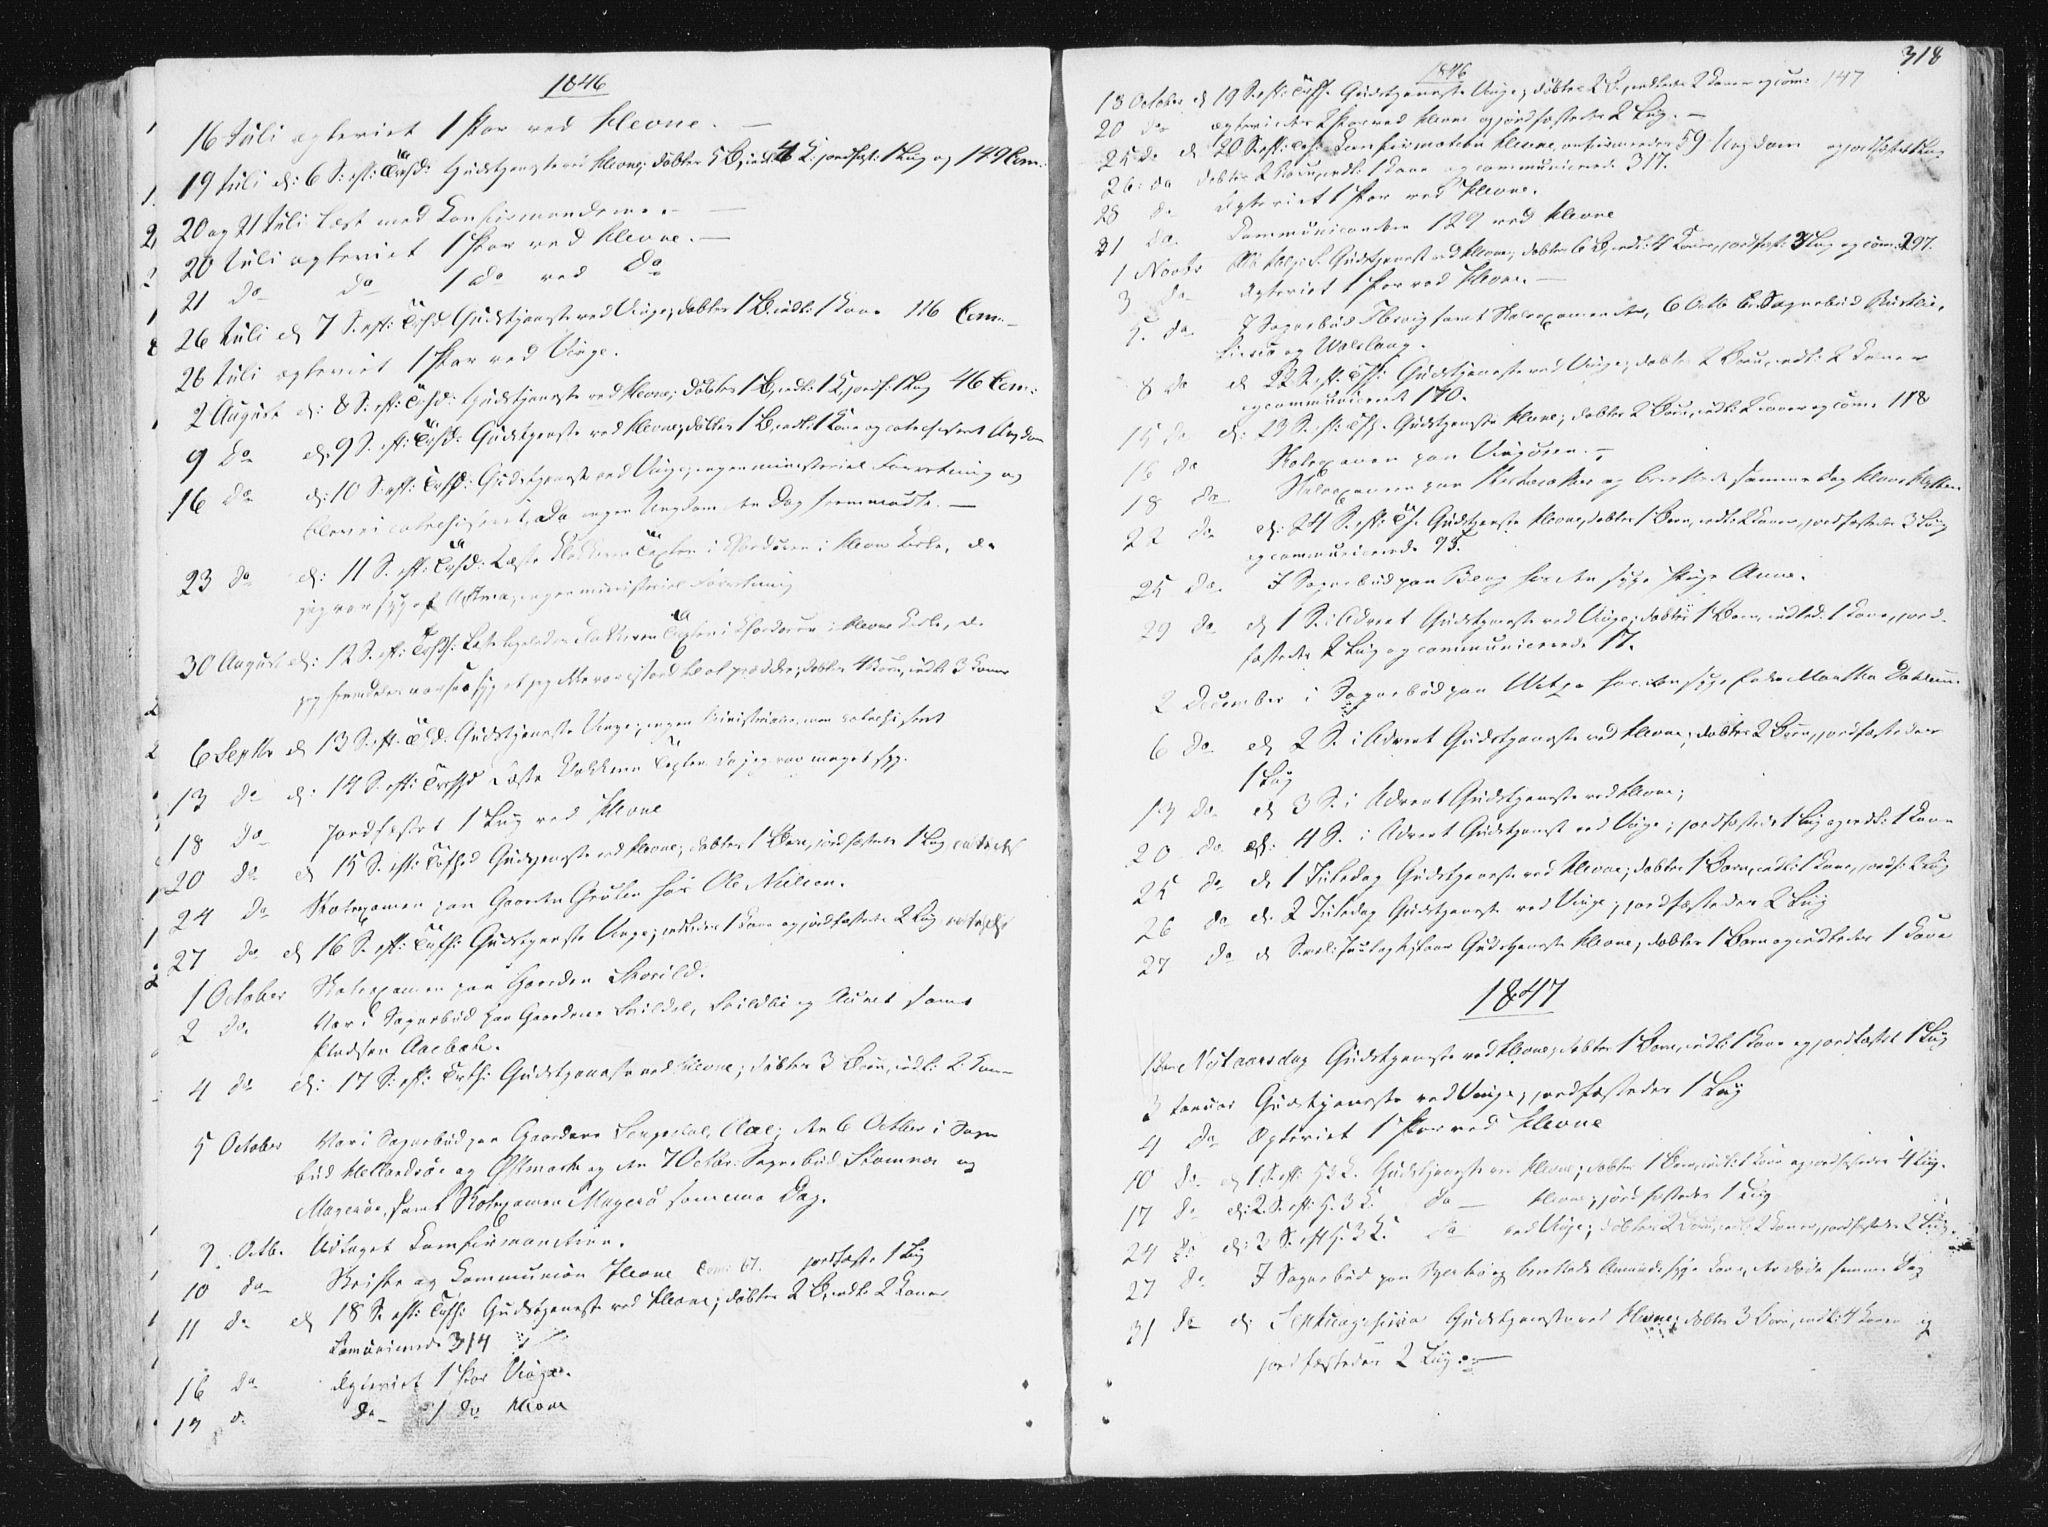 SAT, Ministerialprotokoller, klokkerbøker og fødselsregistre - Sør-Trøndelag, 630/L0493: Ministerialbok nr. 630A06, 1841-1851, s. 318